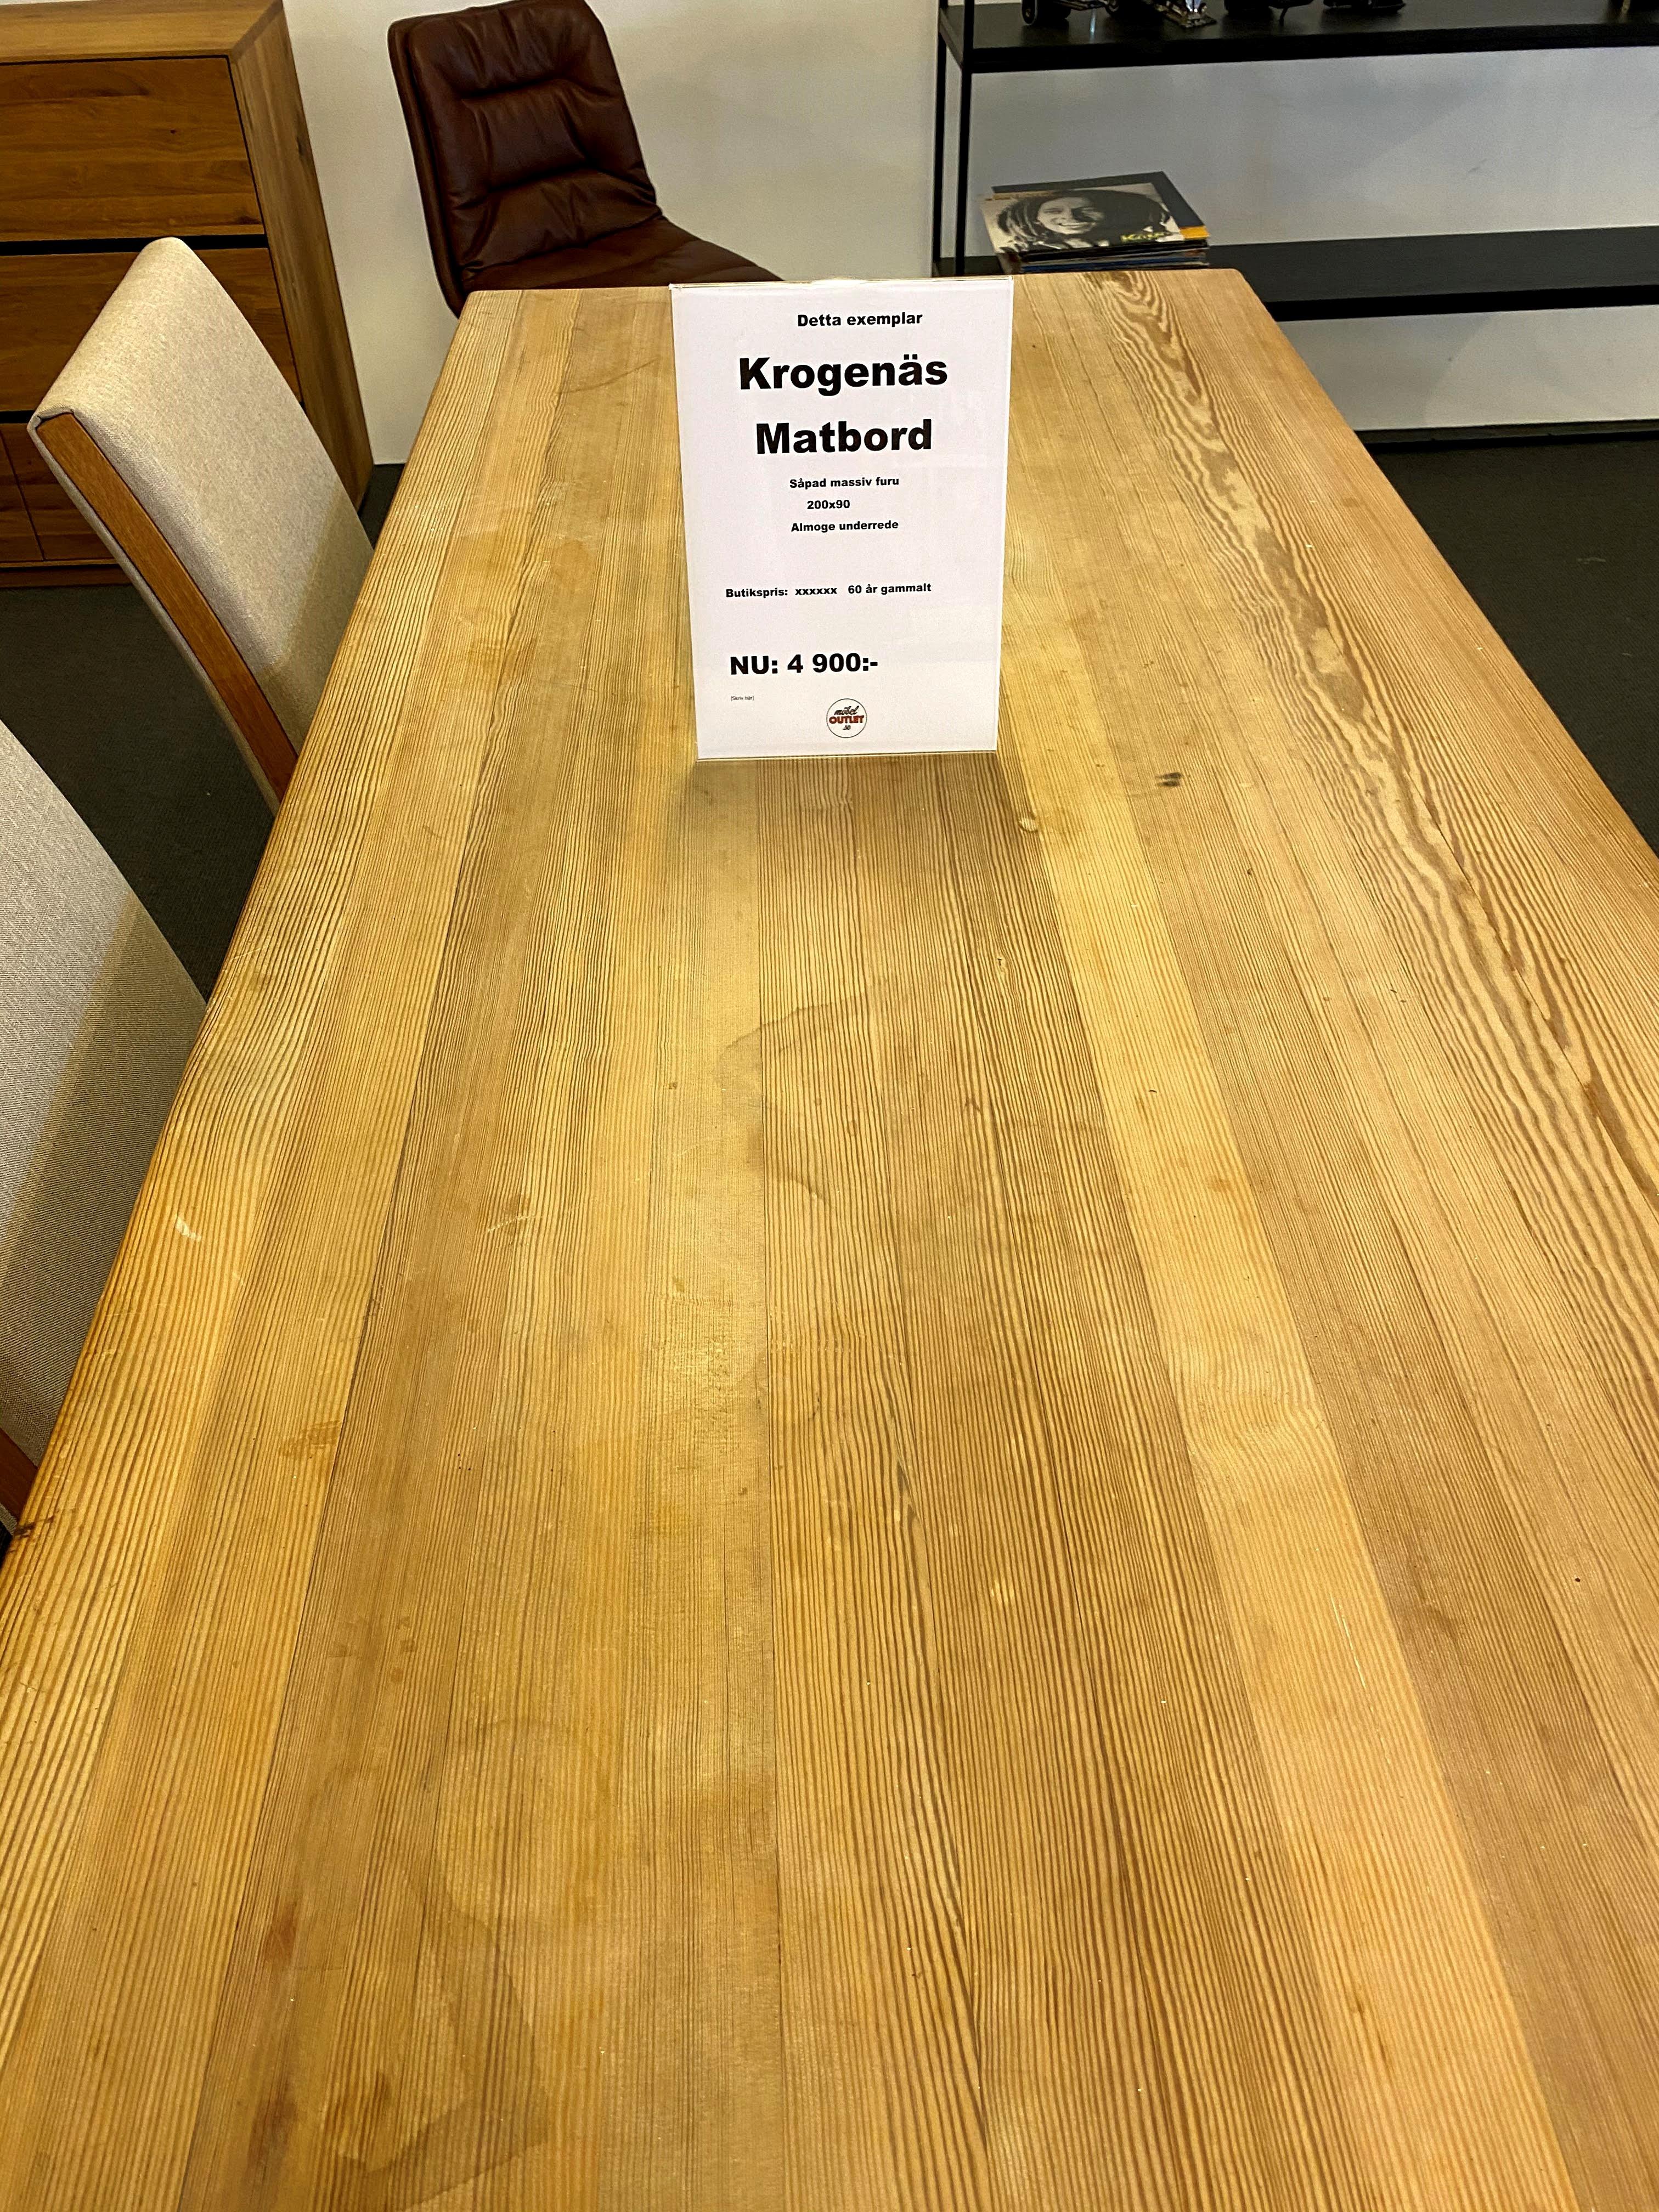 Vintage matbord krogenäs